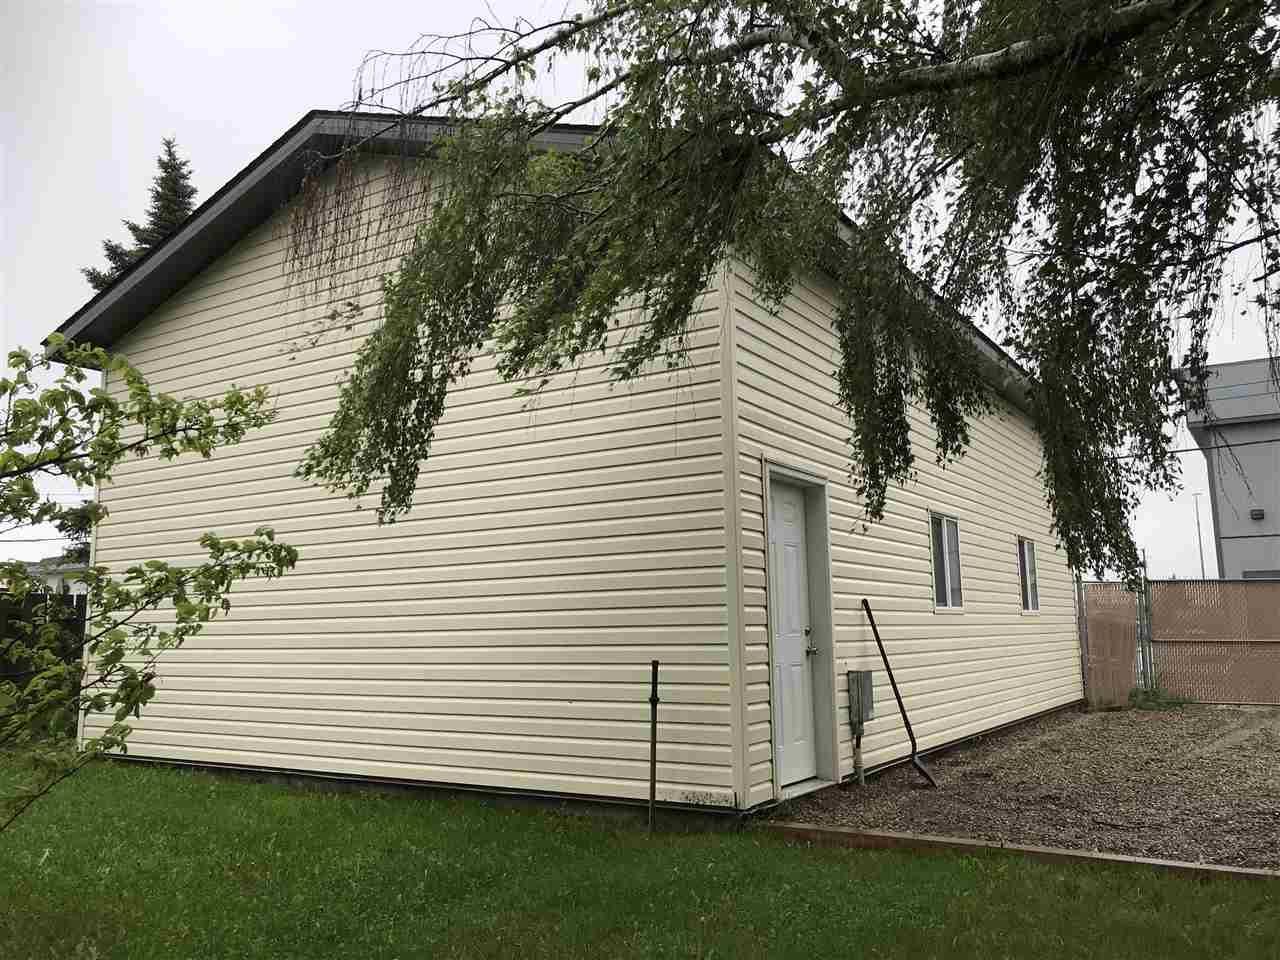 Photo 2: Photos: 9107 101 Avenue in Fort St. John: Fort St. John - City NE House for sale (Fort St. John (Zone 60))  : MLS®# R2465805